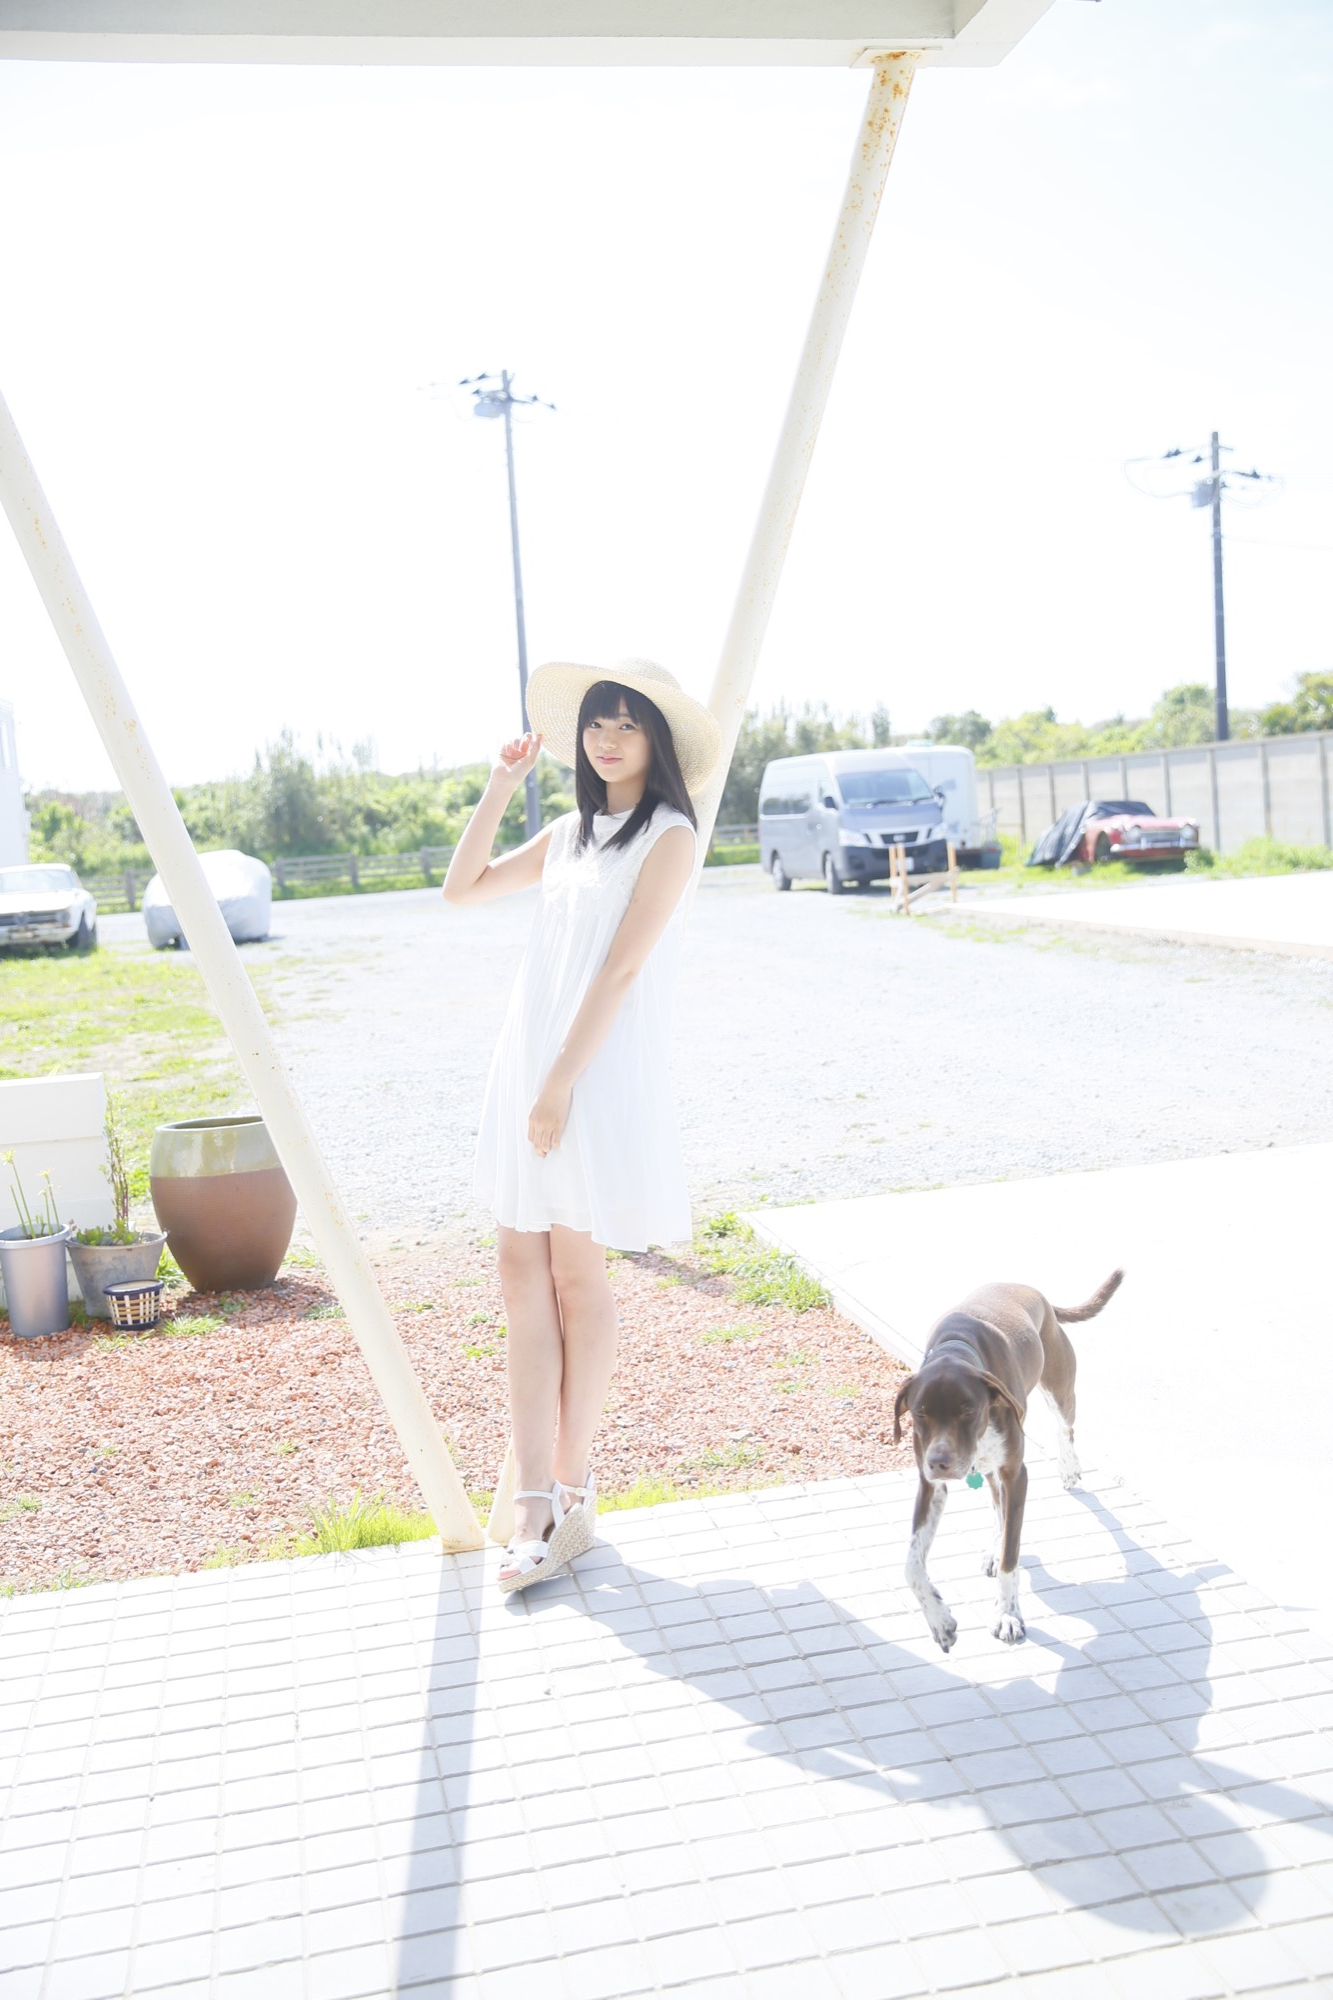 早安少女 HELLO PROJECT 浜浦彩乃 写真集